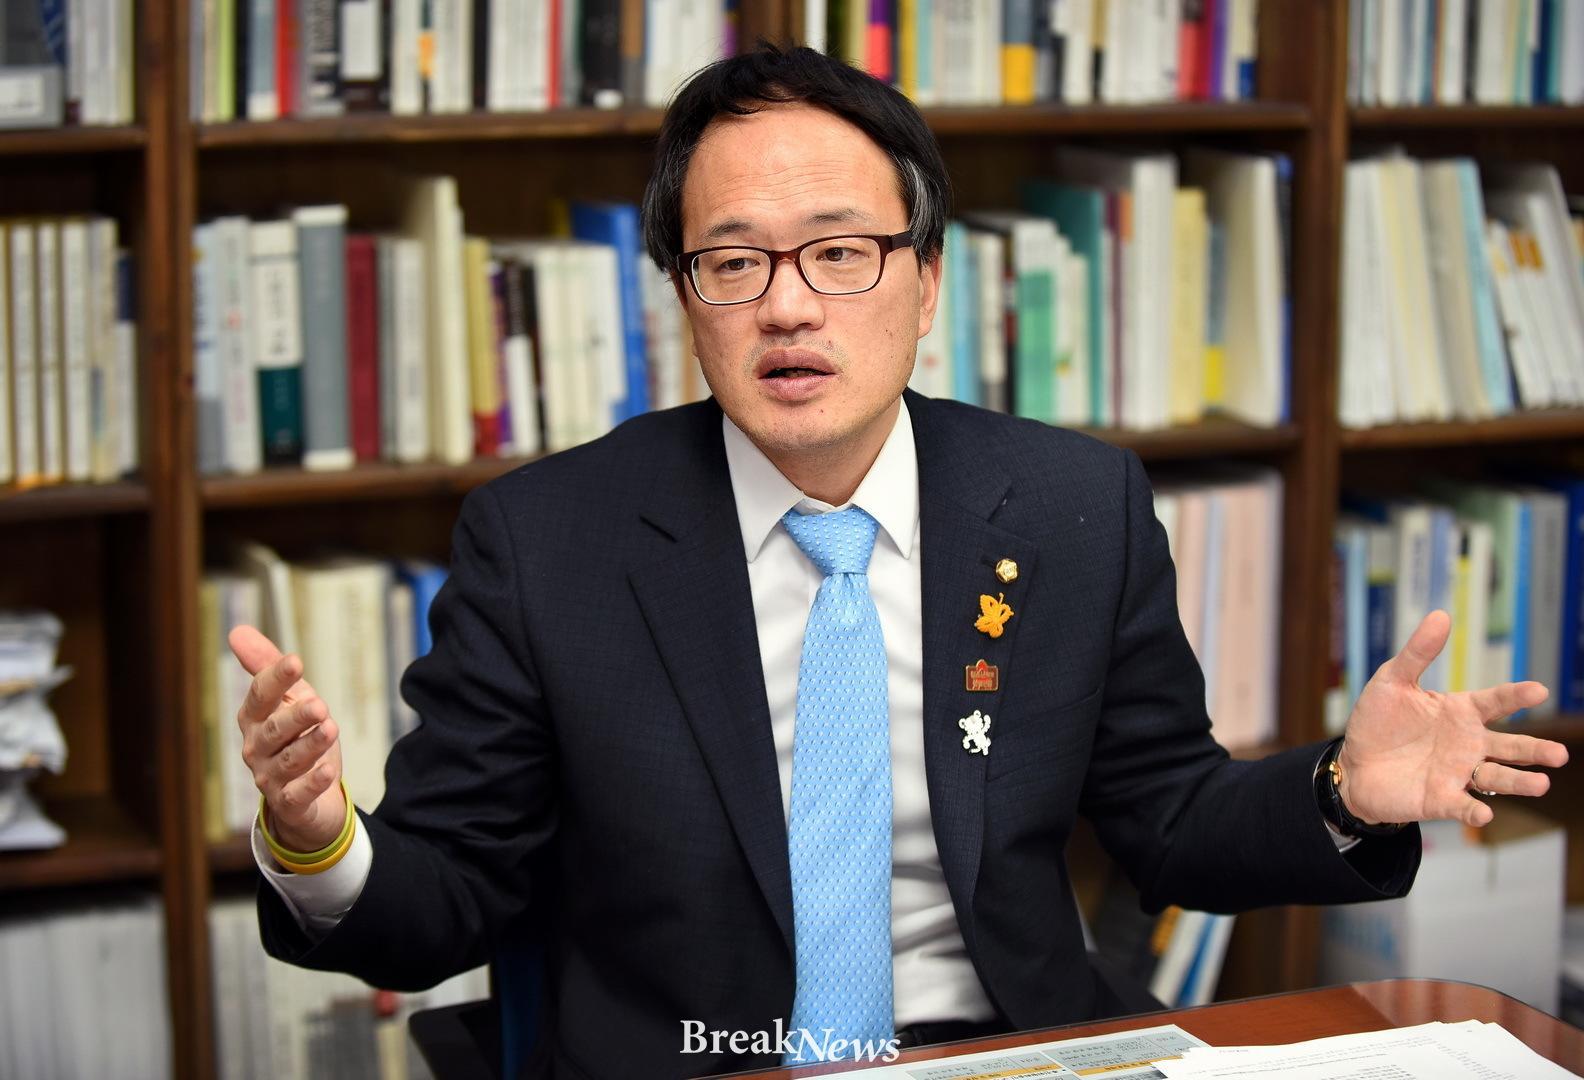 """박주민 의원 """"청년도 워라벨 누릴수 있는 사회돼야"""":브레이크 ..."""